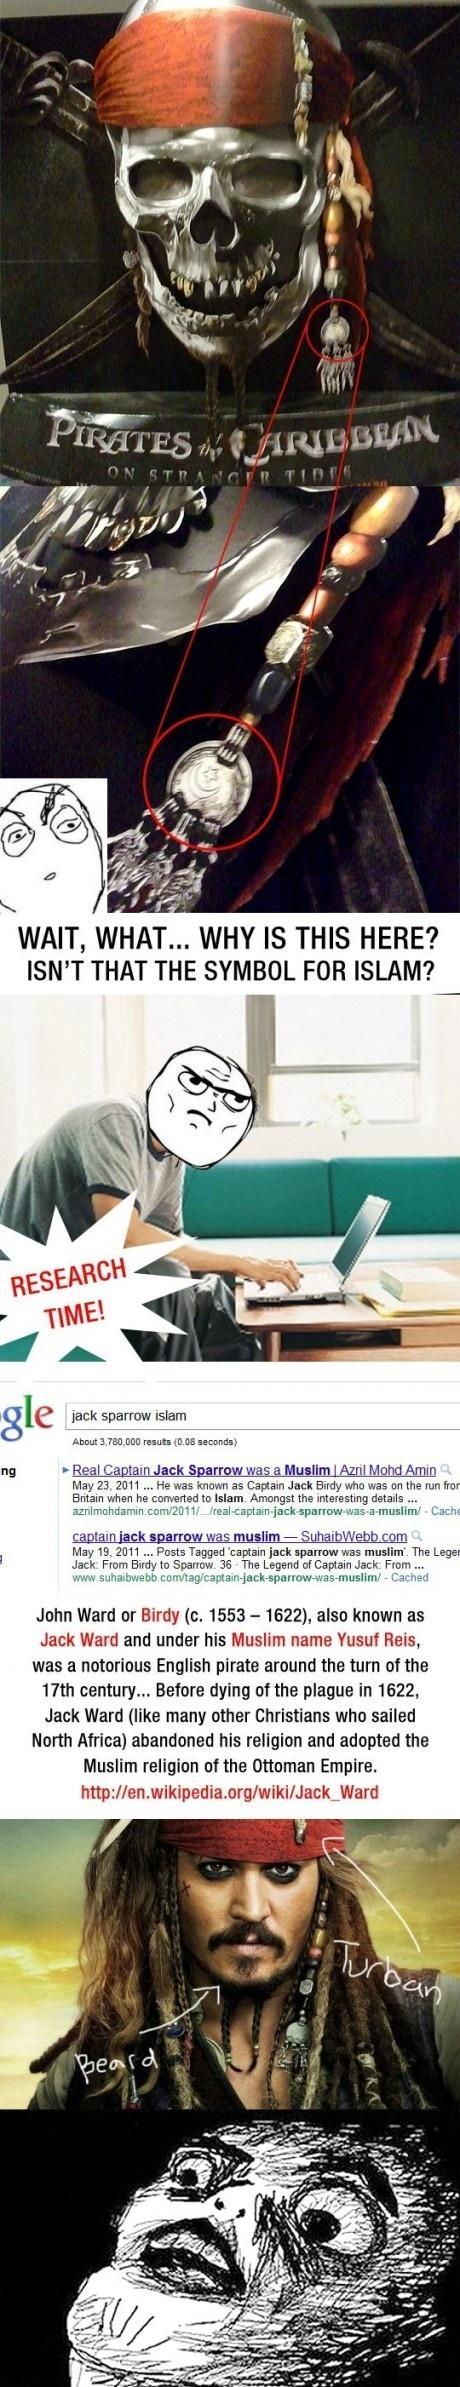 Jack Sparrow is a Muslim?